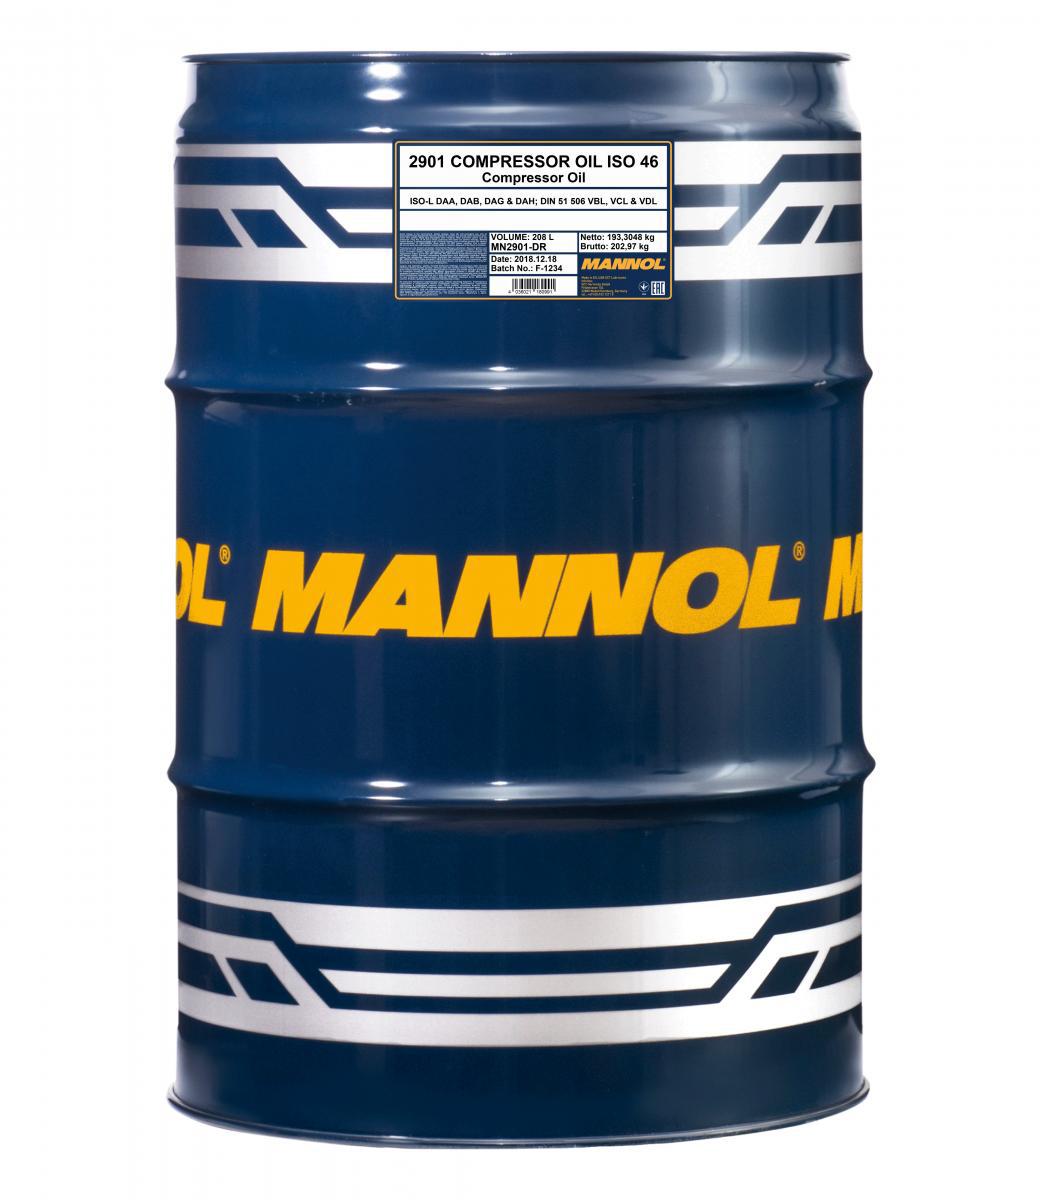 Compressor Oil ISO 46